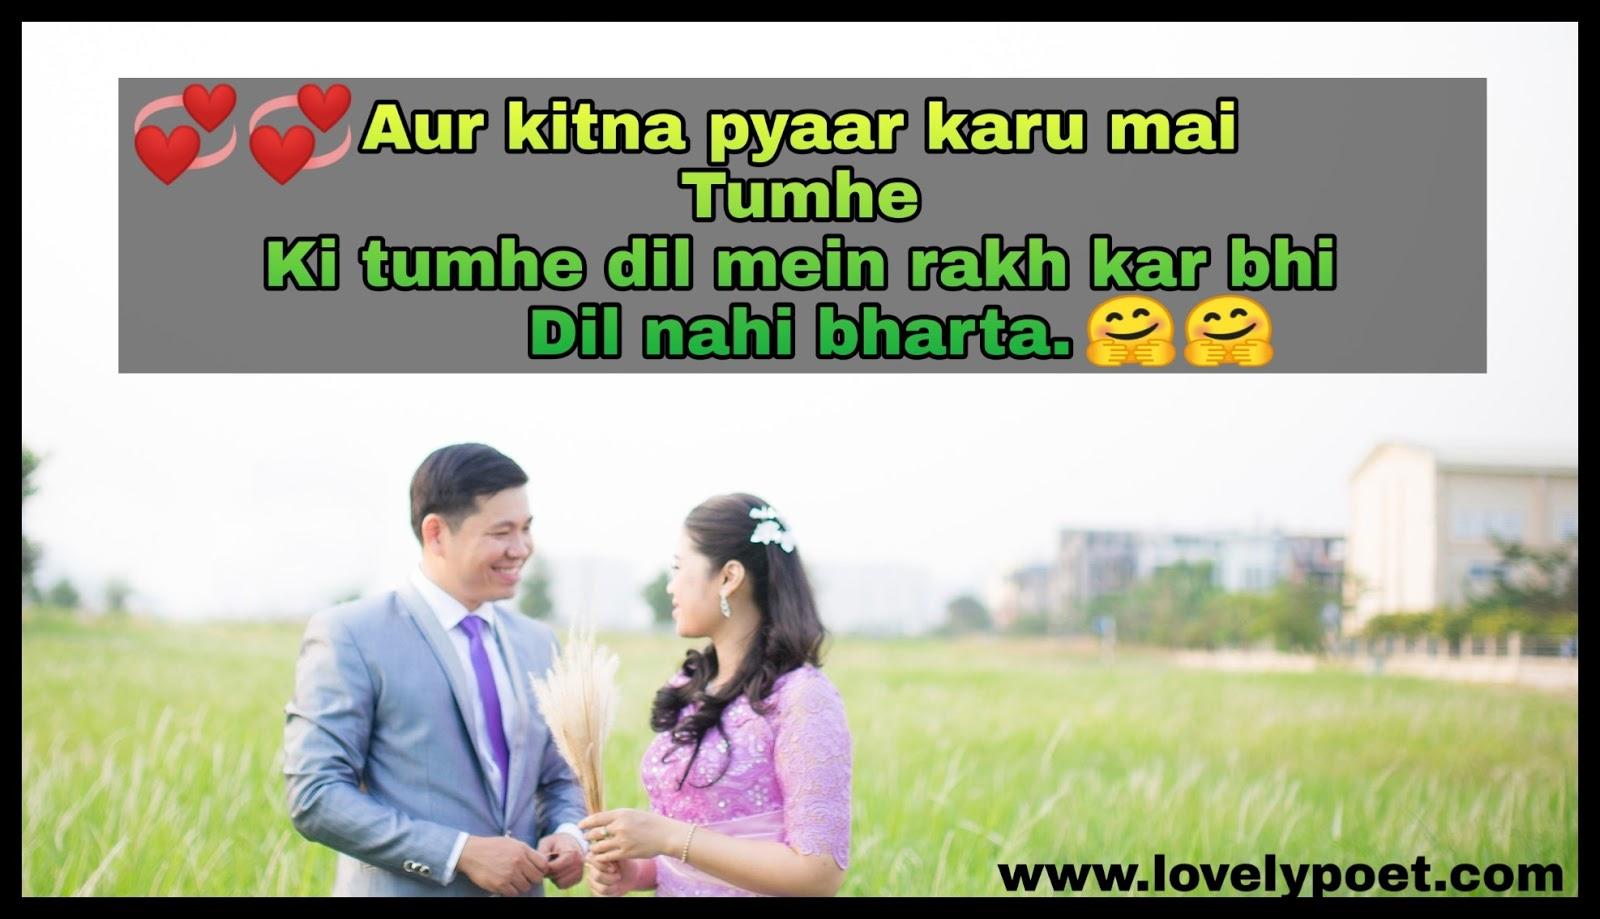 romantic-shayari-in-hindi-with-images